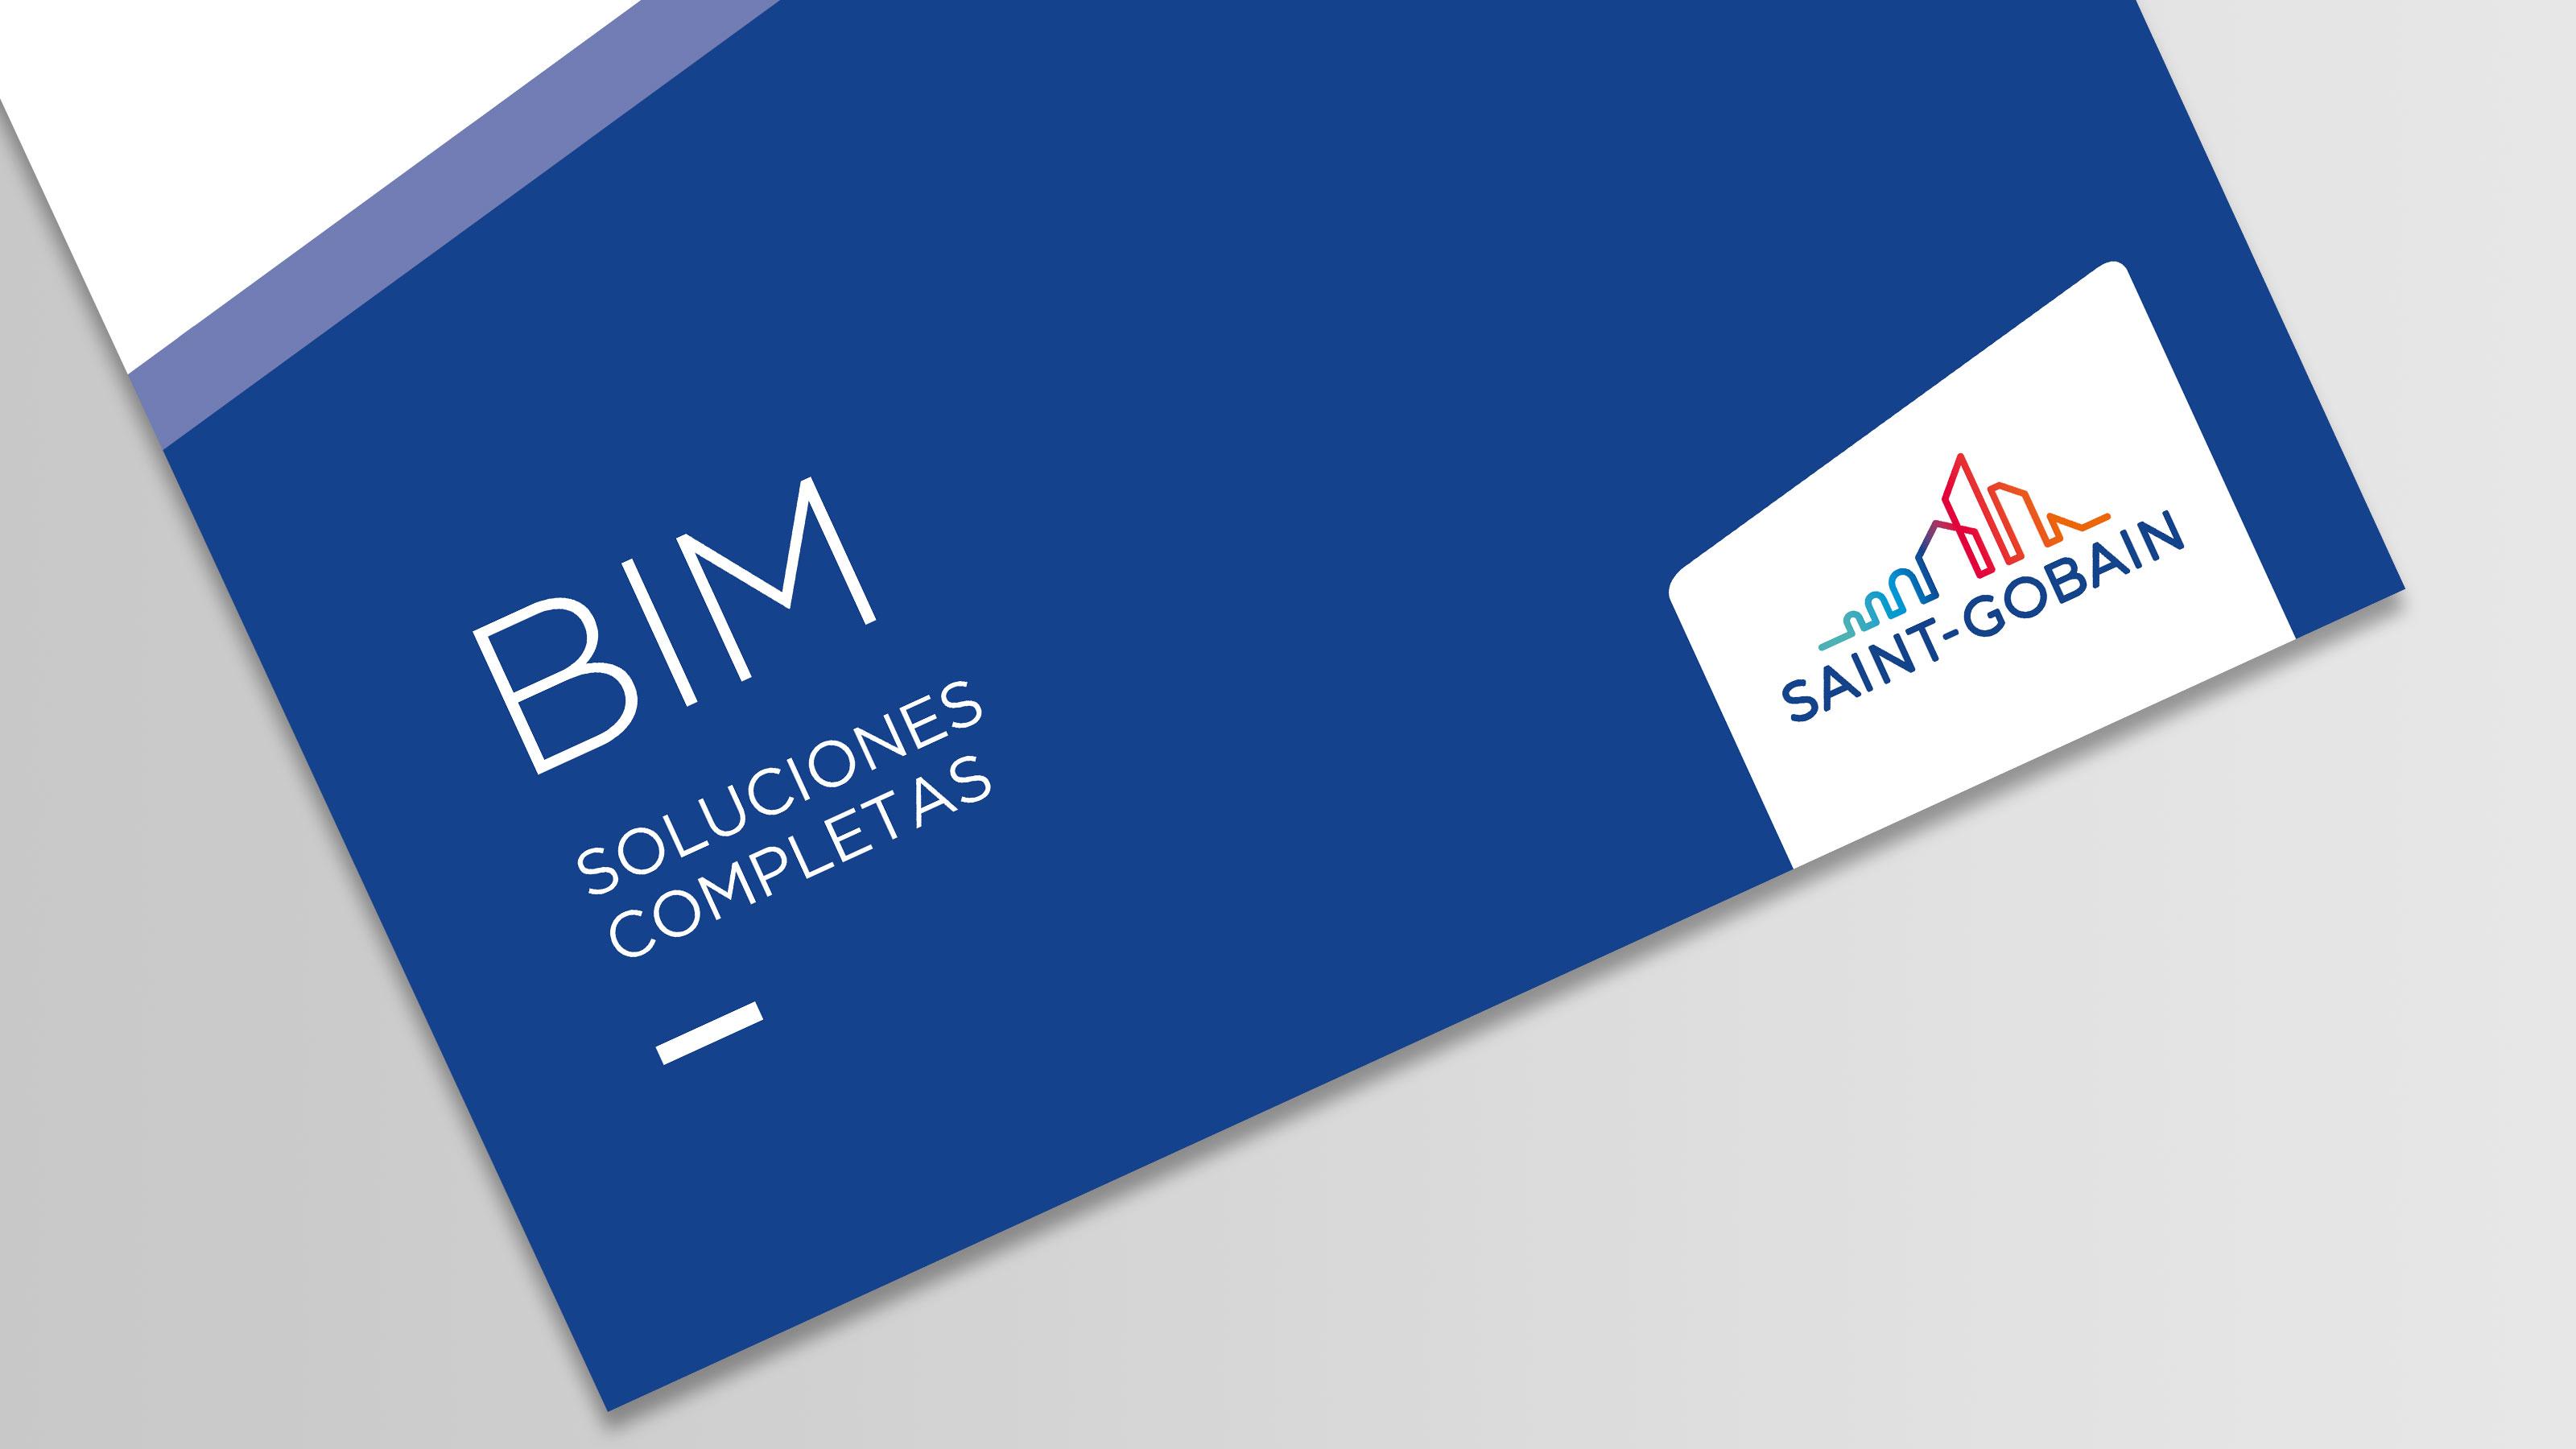 saint-gobain-bim-imagen-destacada